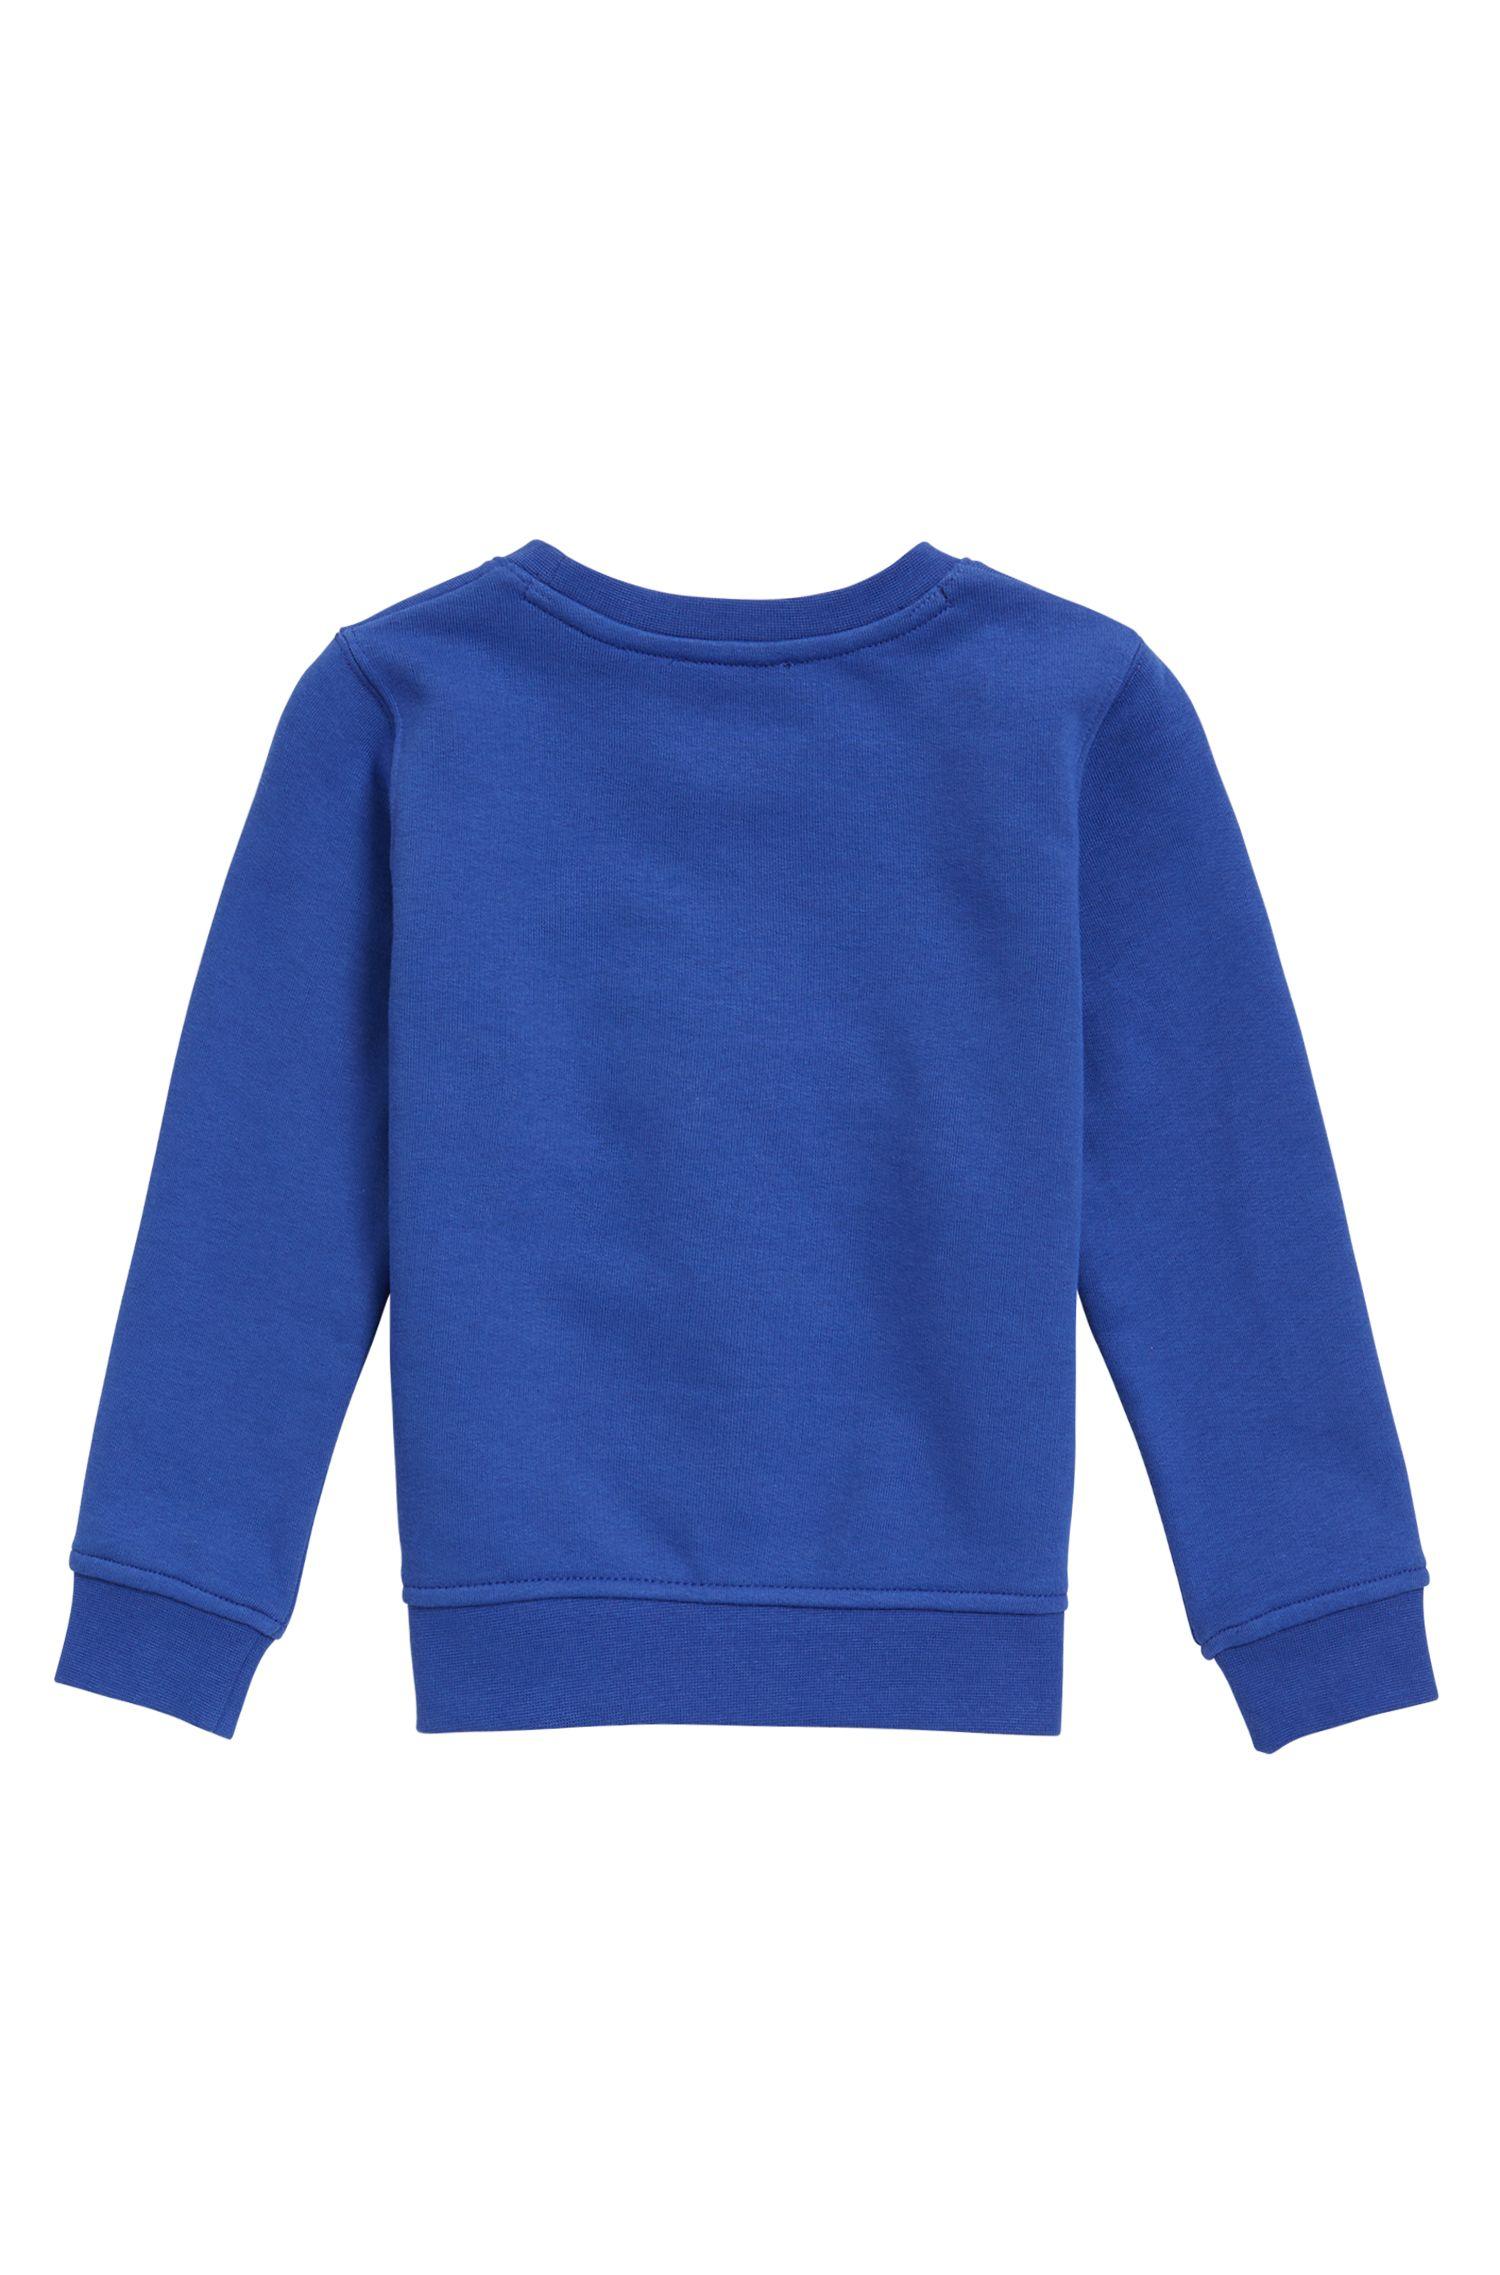 Kids-Sweatshirt aus Baumwoll-Mix mit Logo-Dessin